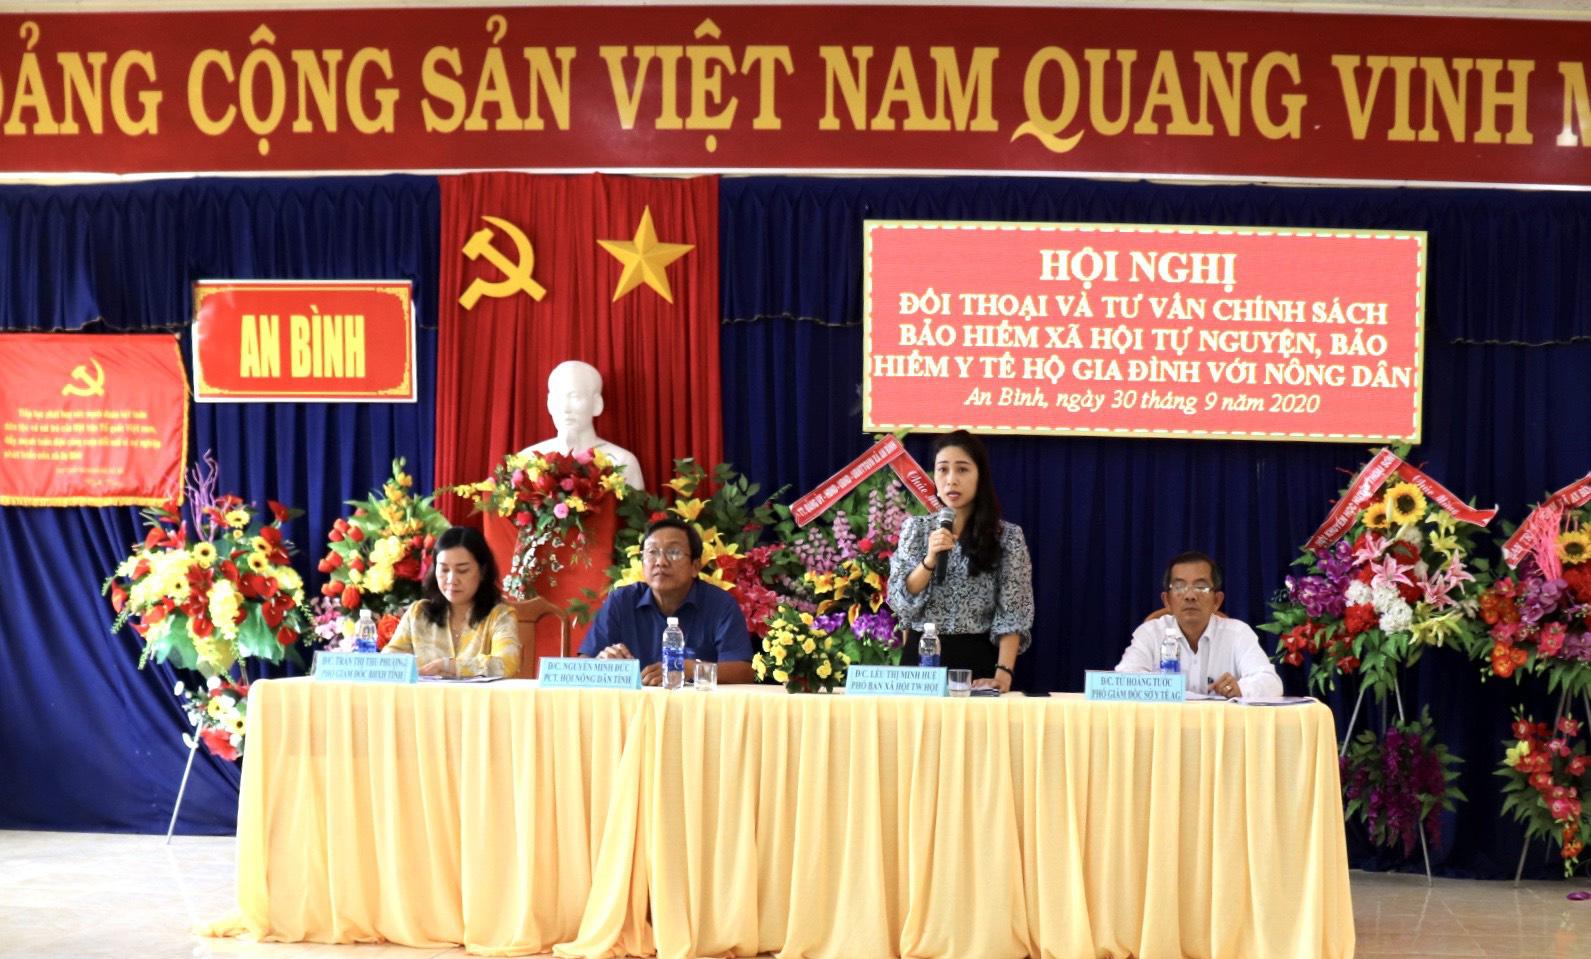 Cùng nông dân giỏi ở An Giang tham gia BHXH tự nguyện  - Ảnh 1.